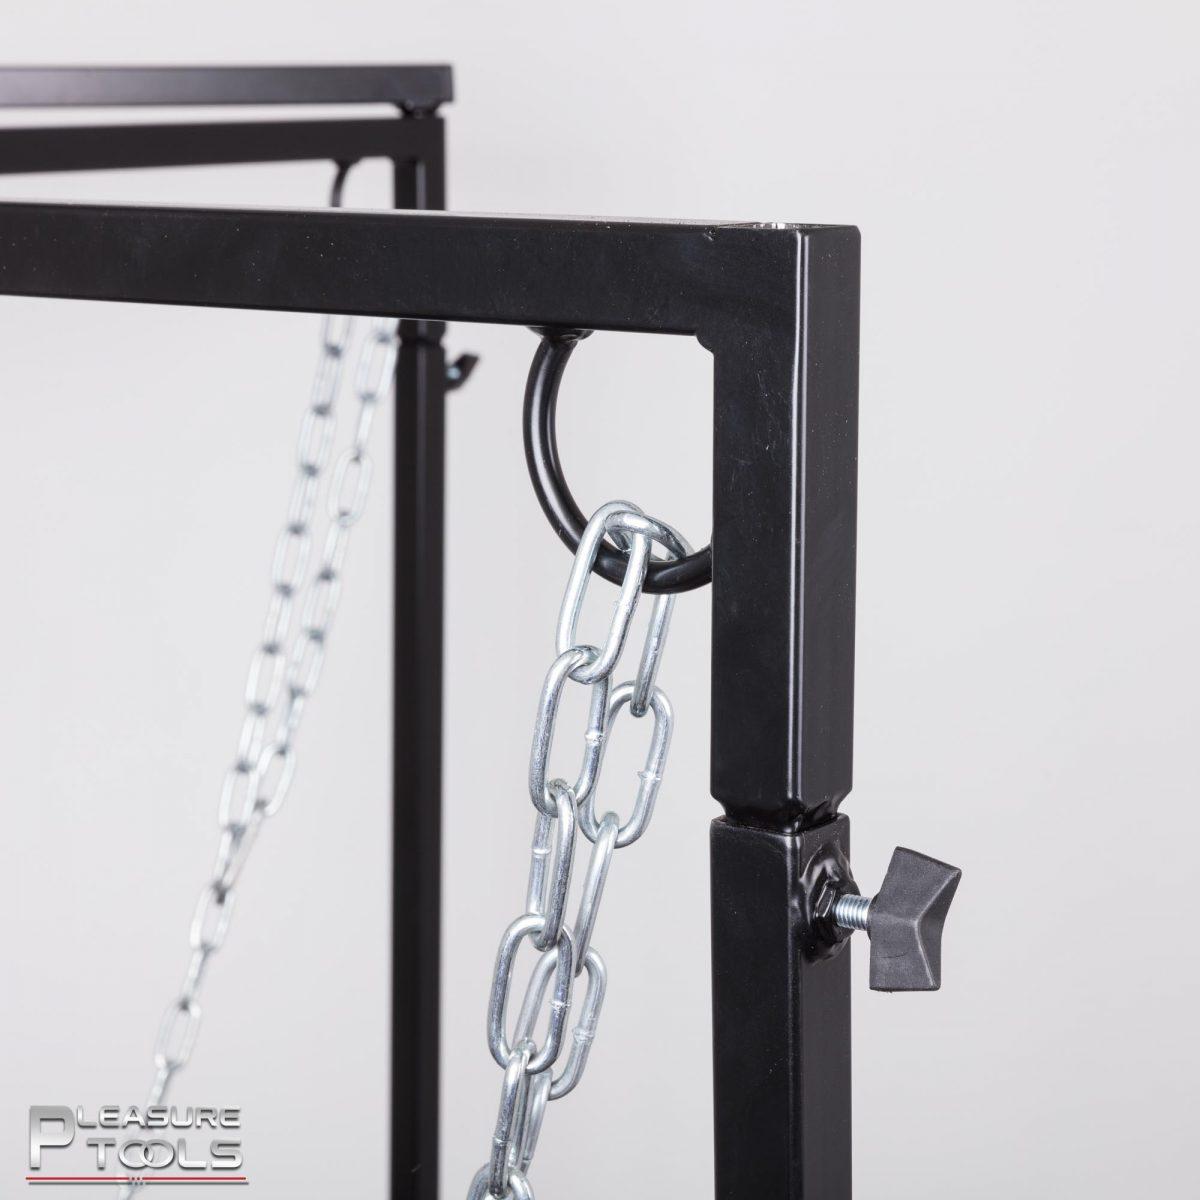 Pleasure Tools frame detail bovenhoek